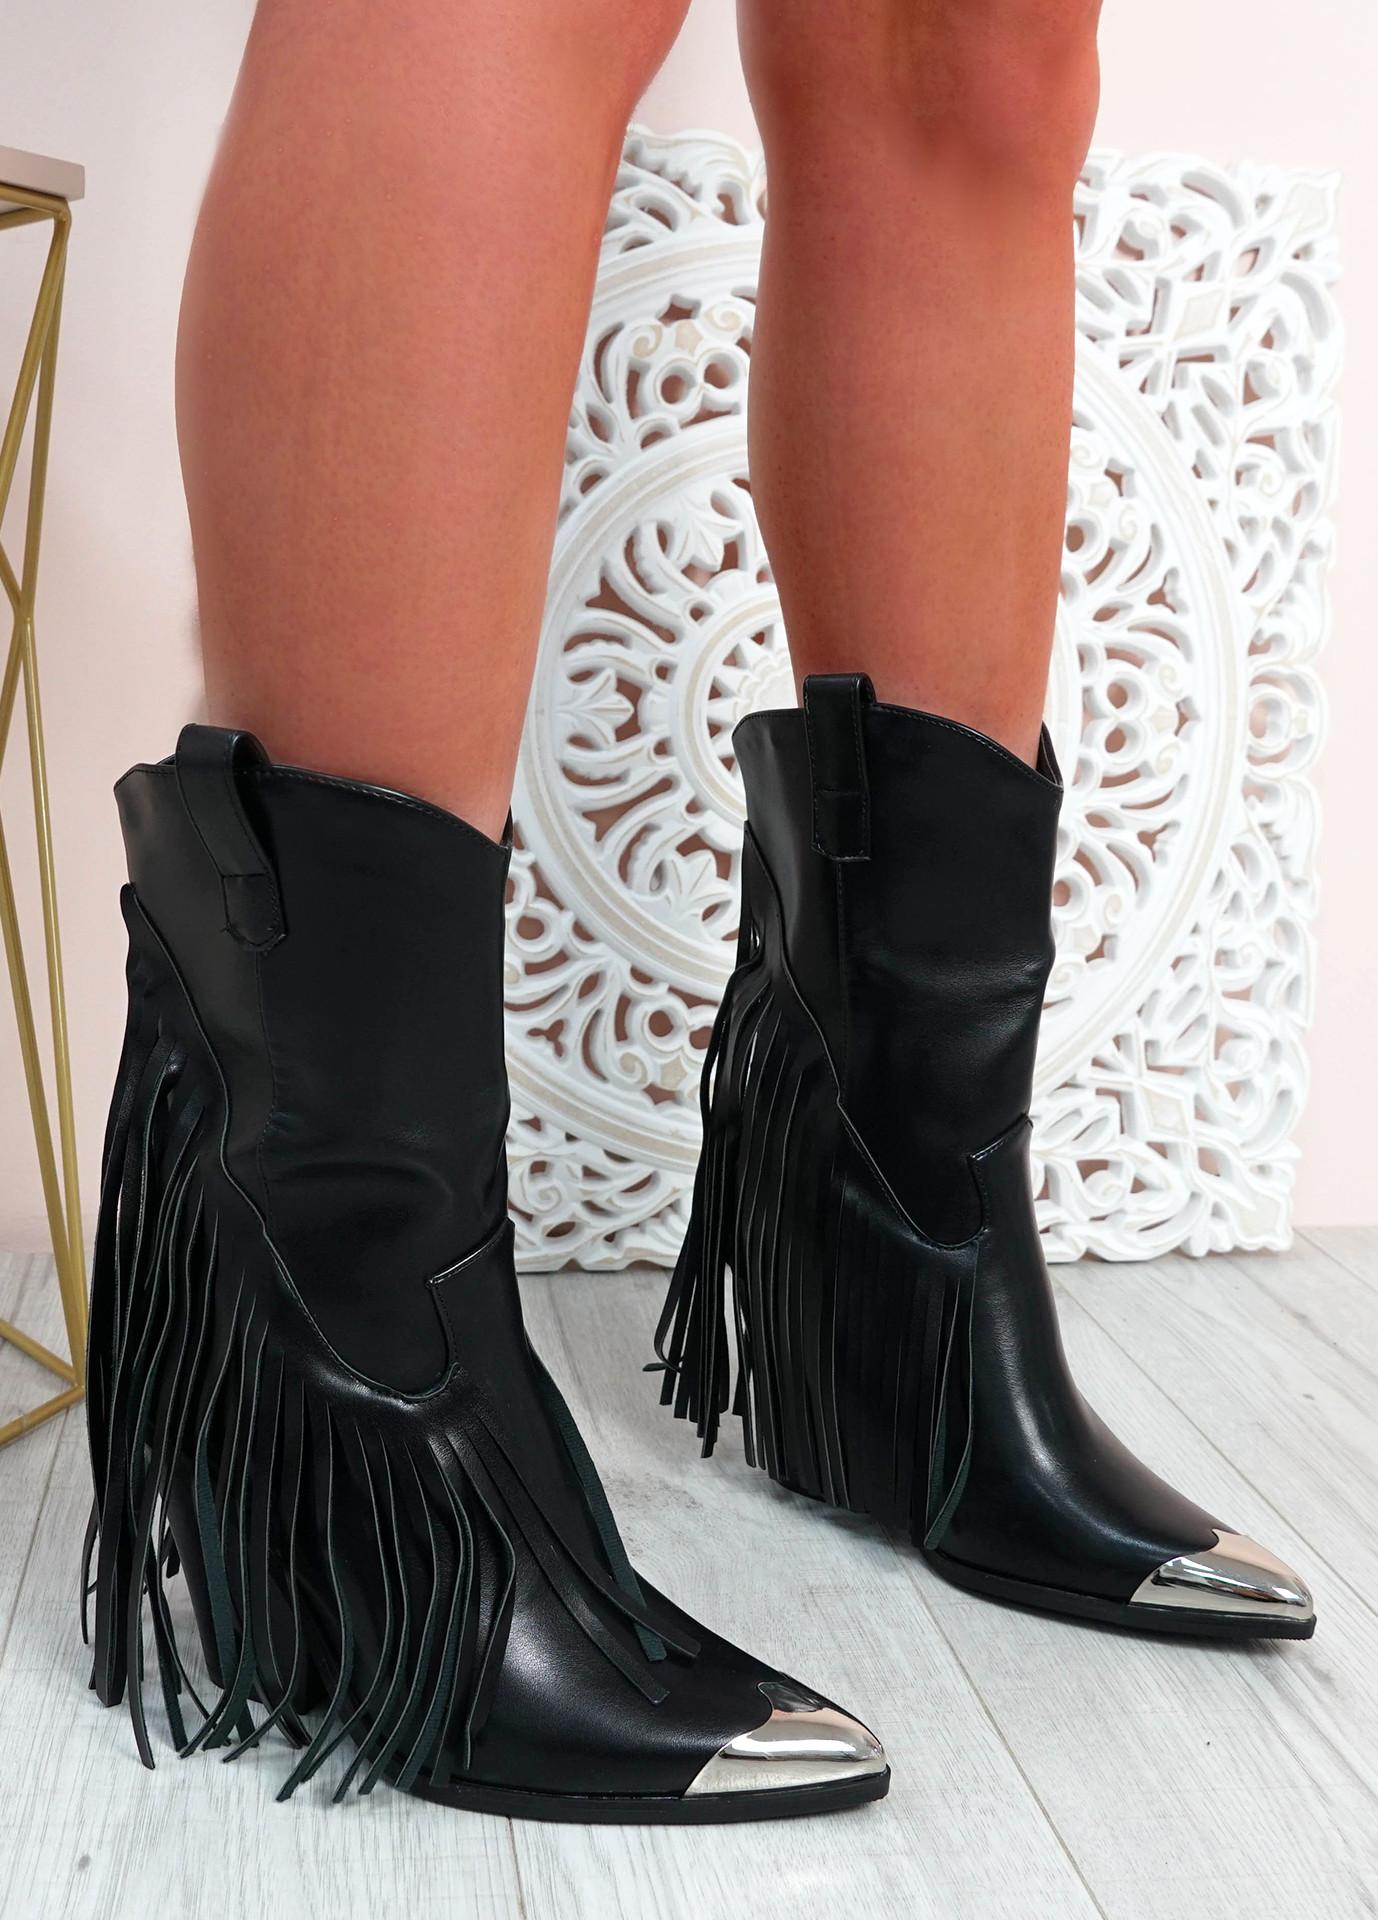 Chana Black Pu Fringe Mid Calf Boots